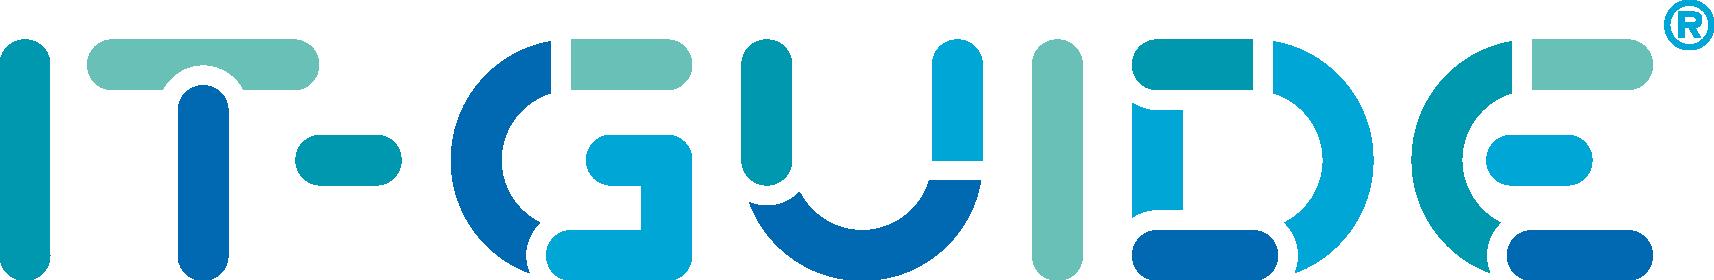 stakeholder image